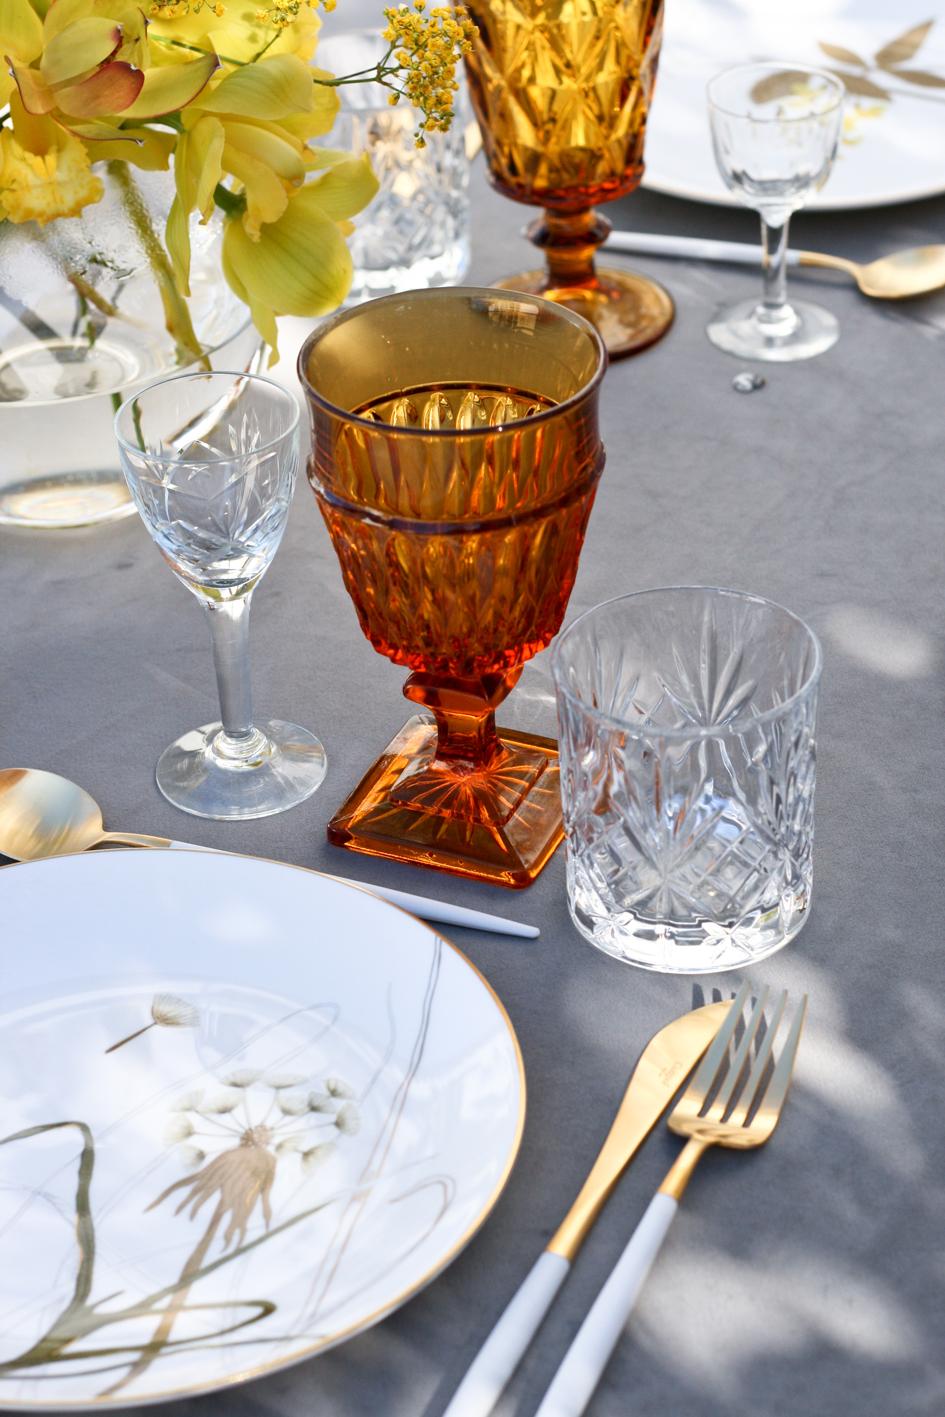 A table story_påskebord_leje af service_påskeblomster (2 of 19)